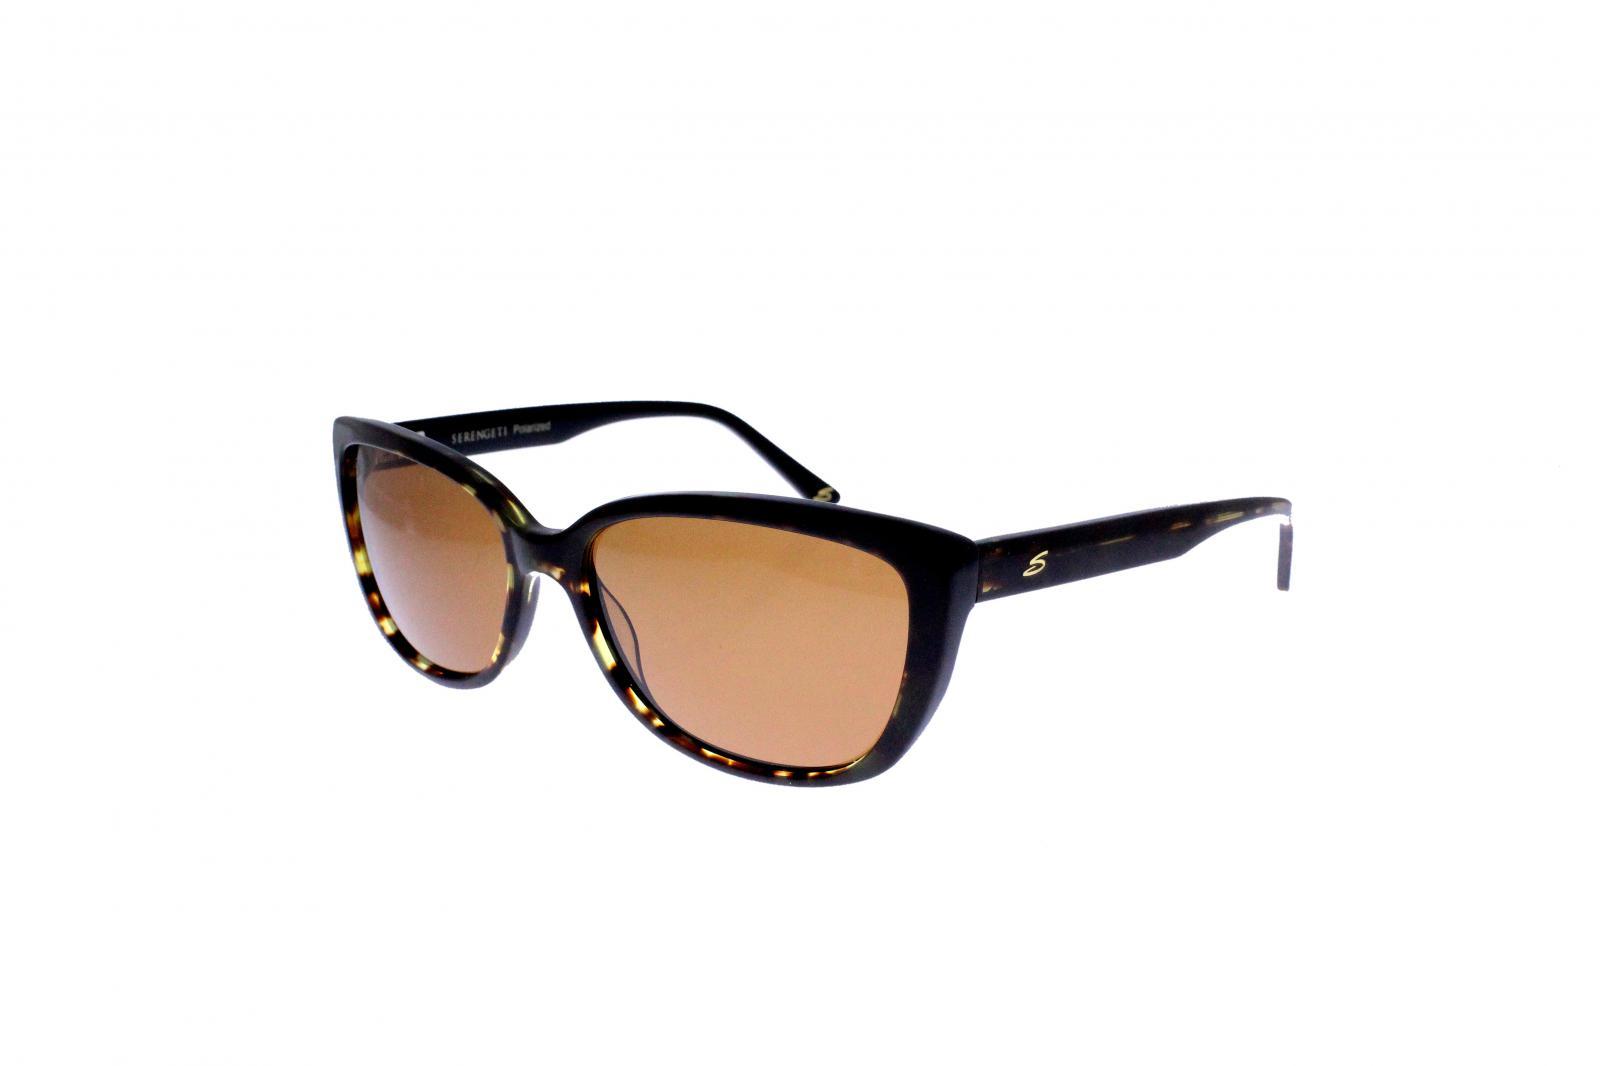 73f704dc24d3bb lunettes de soleil serengeti pas cher,Sold茅 254pfz yjatj Pas cher de luxe Lunette  de soleil SERENGETI Polarisante Duccio Noir 7817